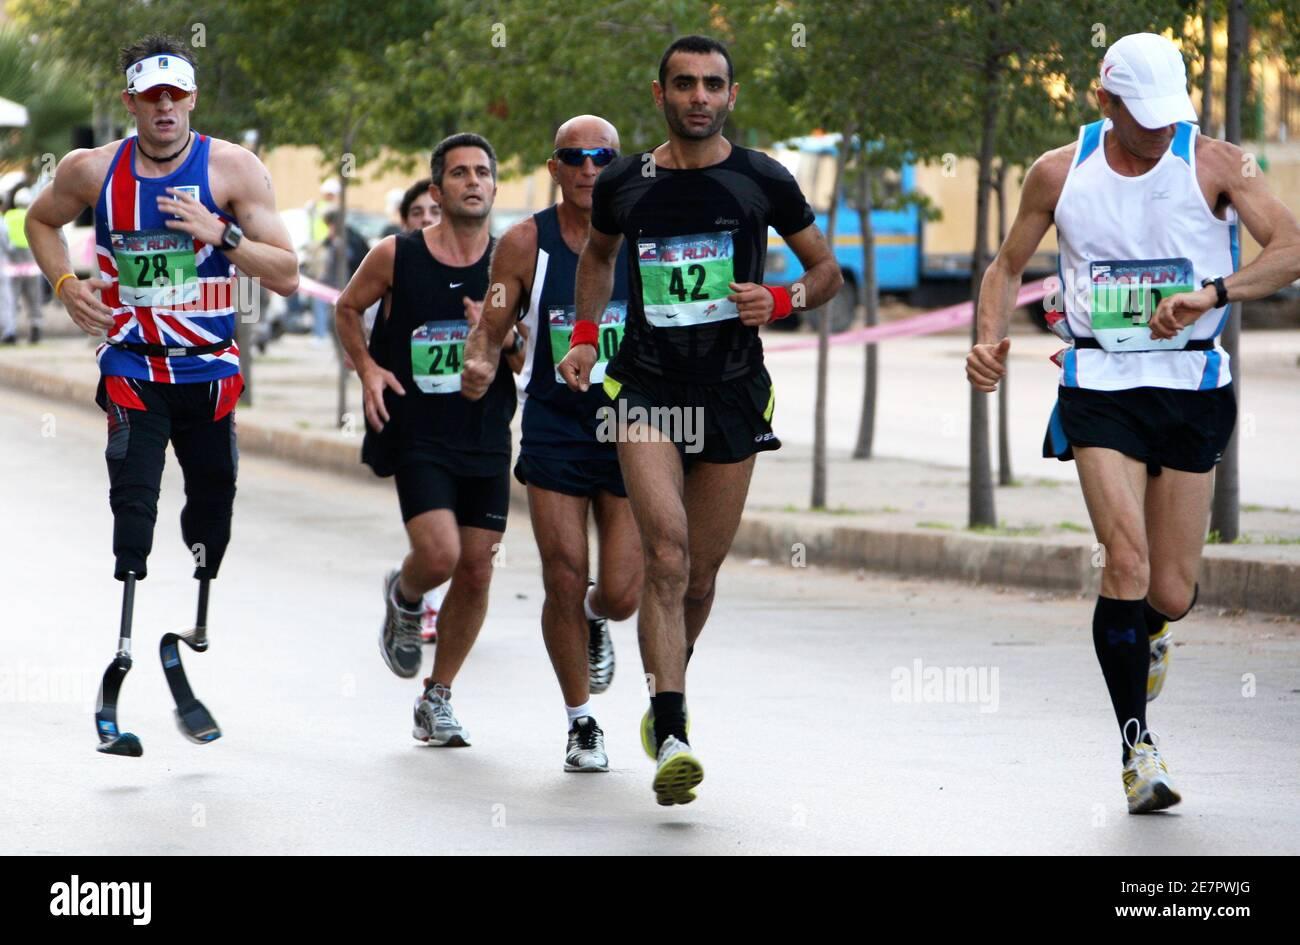 Richard Whitehead (L), un activista británico por la discapacidad que nació sin piernas, compite con otros corredores durante el Maratón anual de Beirut en Beirut, el 30 de noviembre de 2008. Miles de personas participaron en la carrera que comenzó en la capital libanesa. REUTERS/ Mohamed Azakir (LÍBANO) Foto de stock